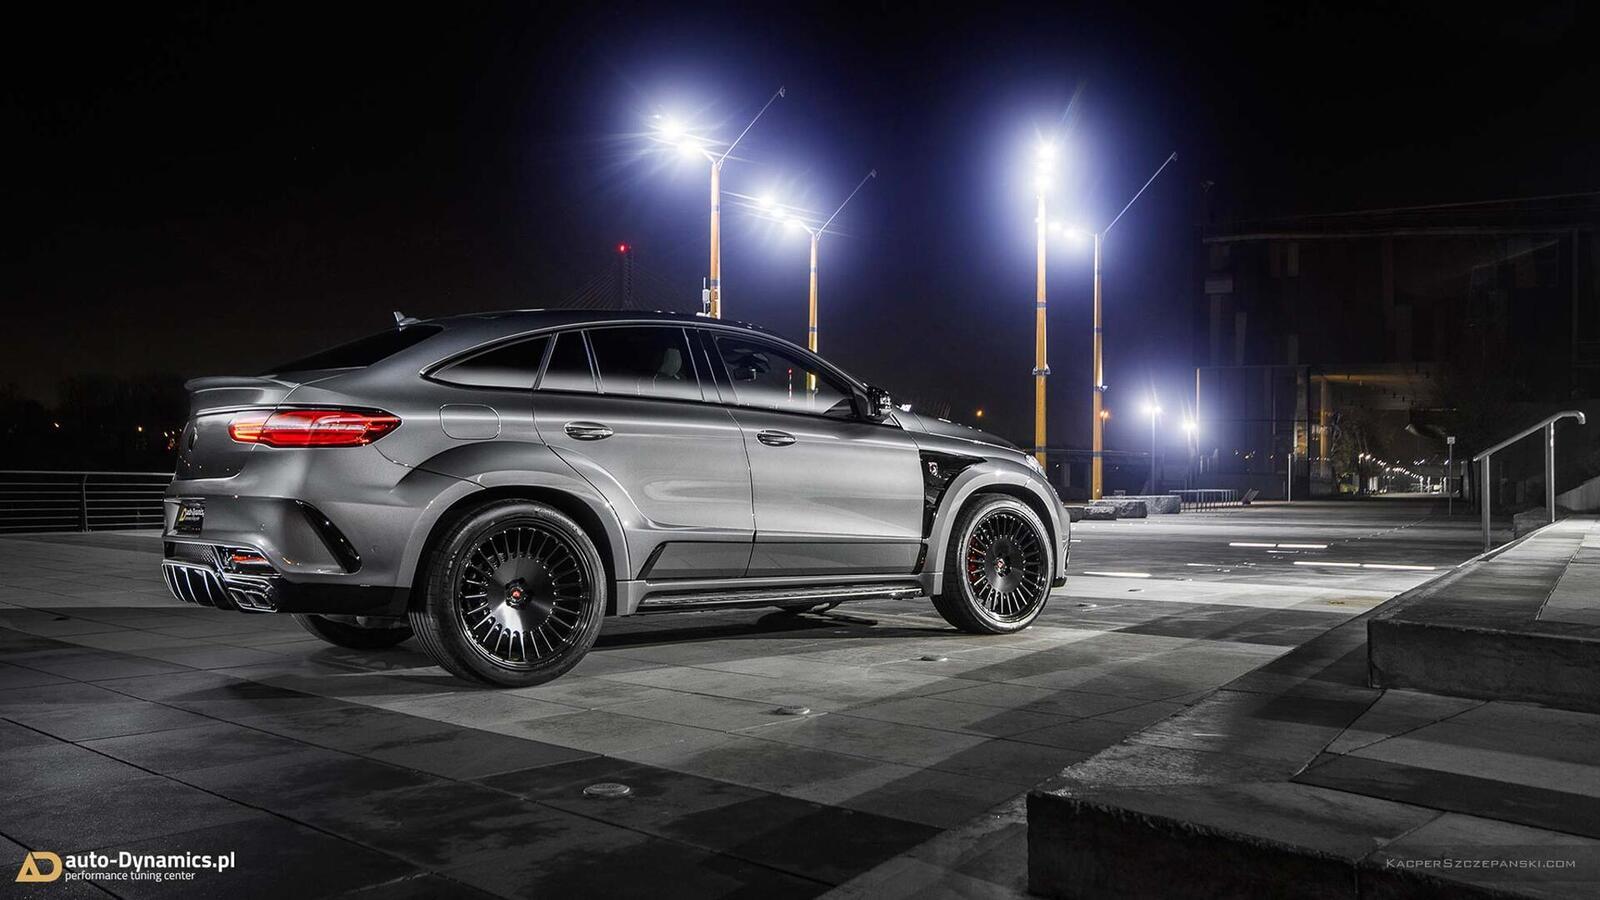 Mercedes-AMG GLE 63 S Coupe độ công suất lên 795 mã lực; tăng tốc 0-100 km/h trong 3,25 giây - Hình 1